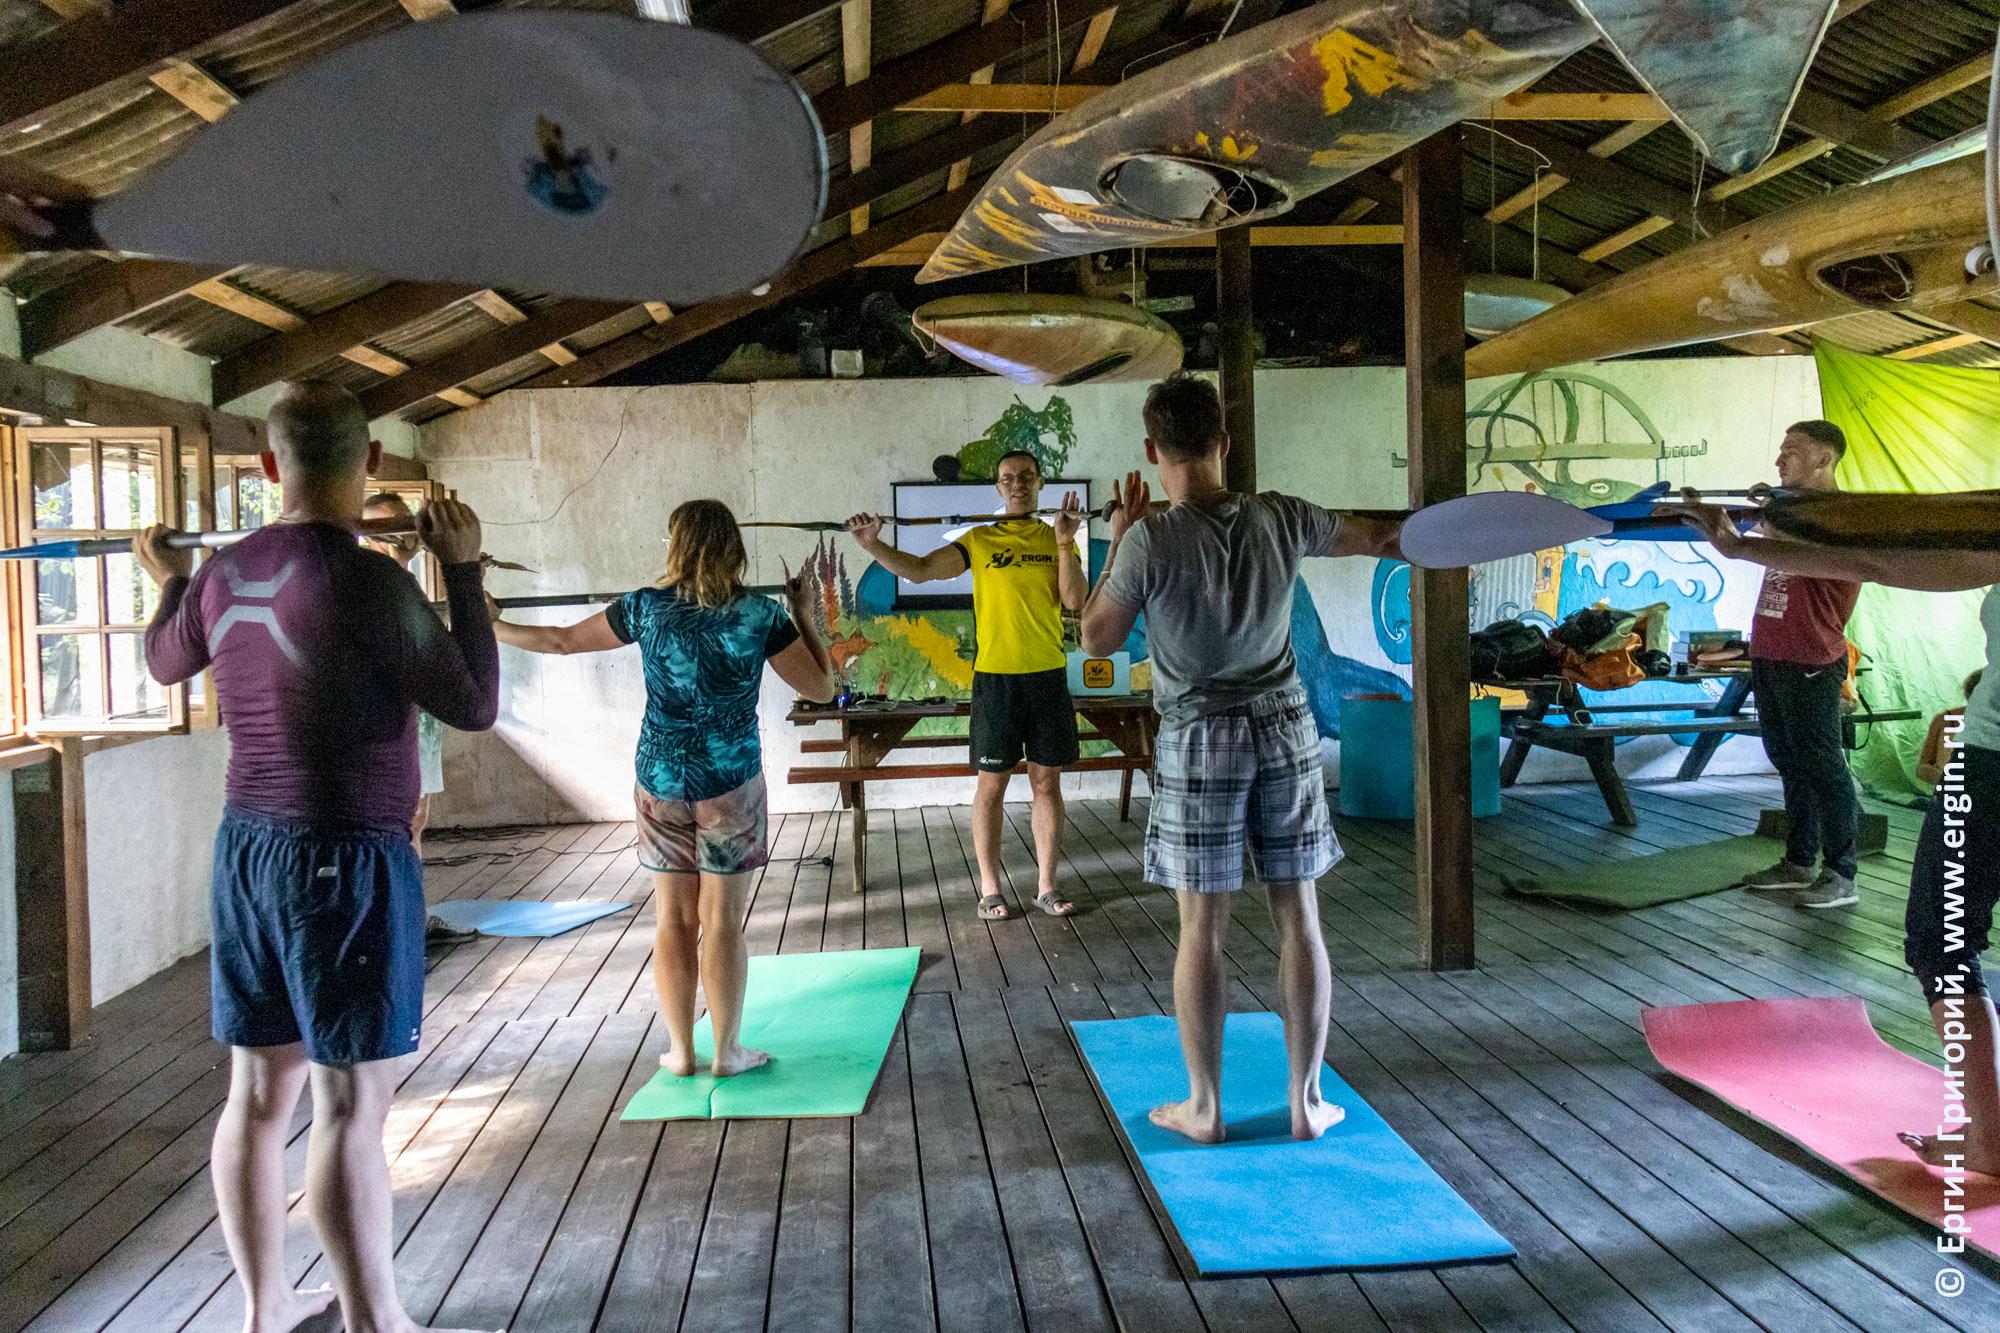 Сухие тренировки по каякингу с веслами